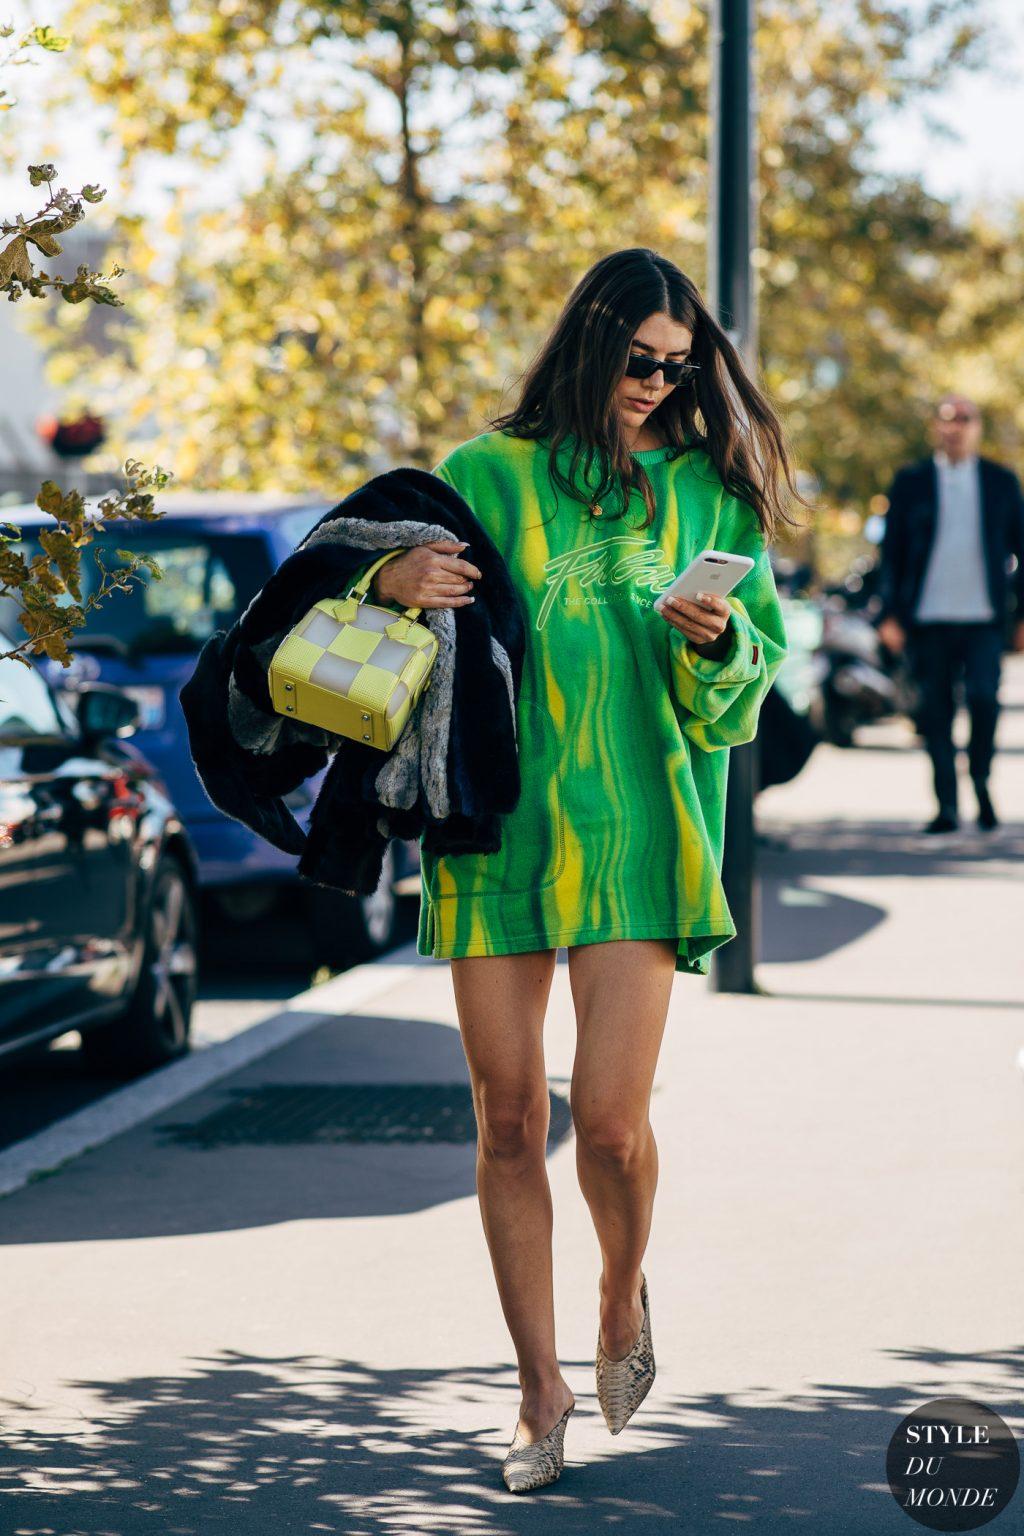 xu hướng thời trang 2019 8